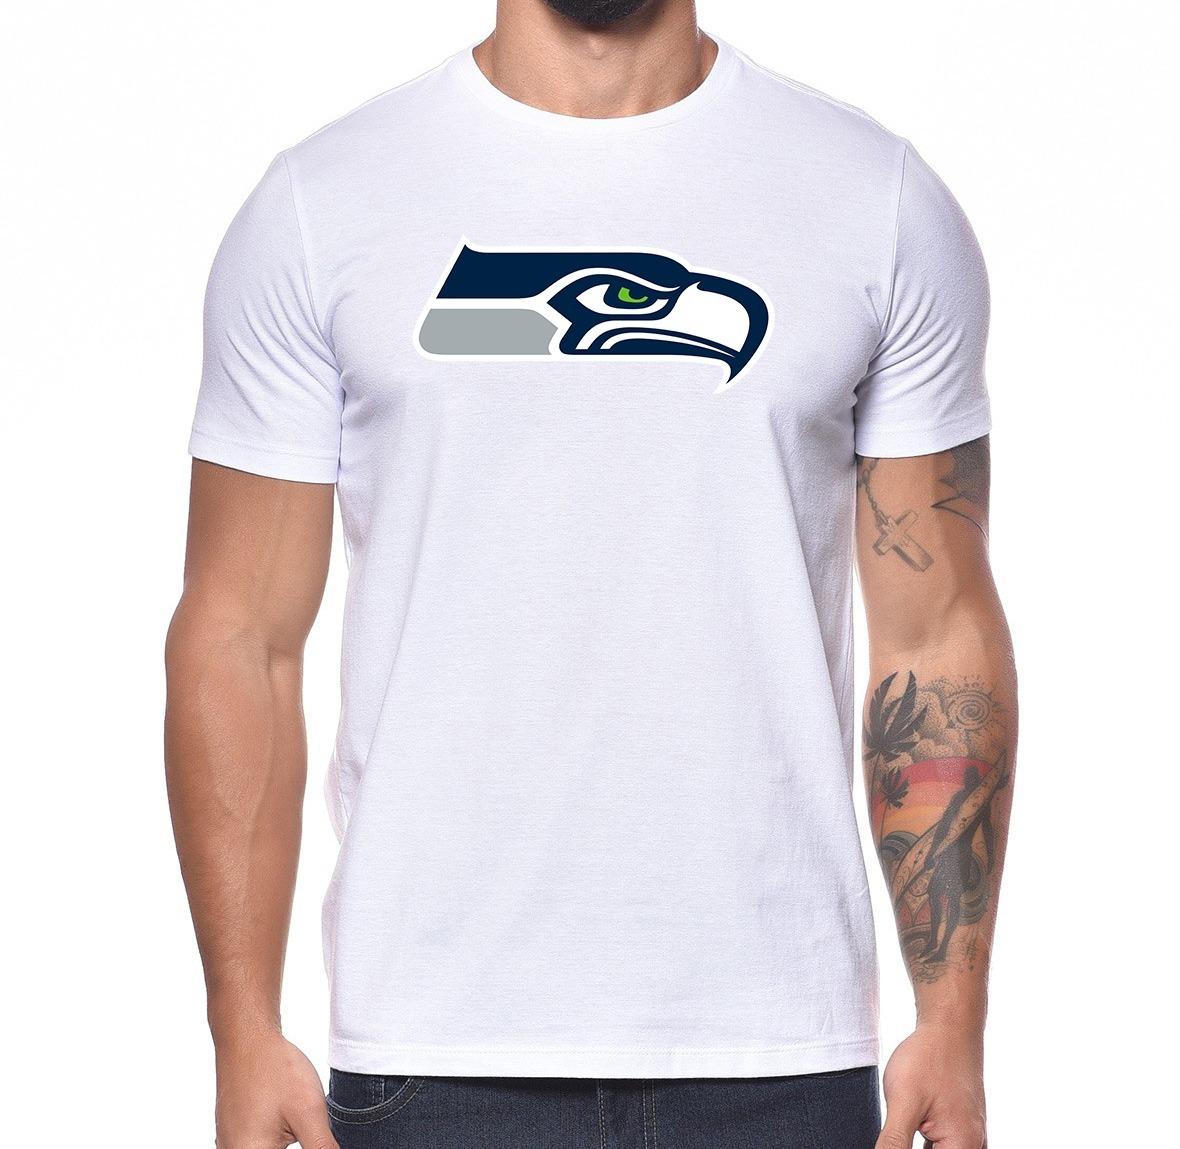 camiseta seattle seahawks time futebol americano nfl m02. Carregando zoom. 05d6e7e52c566